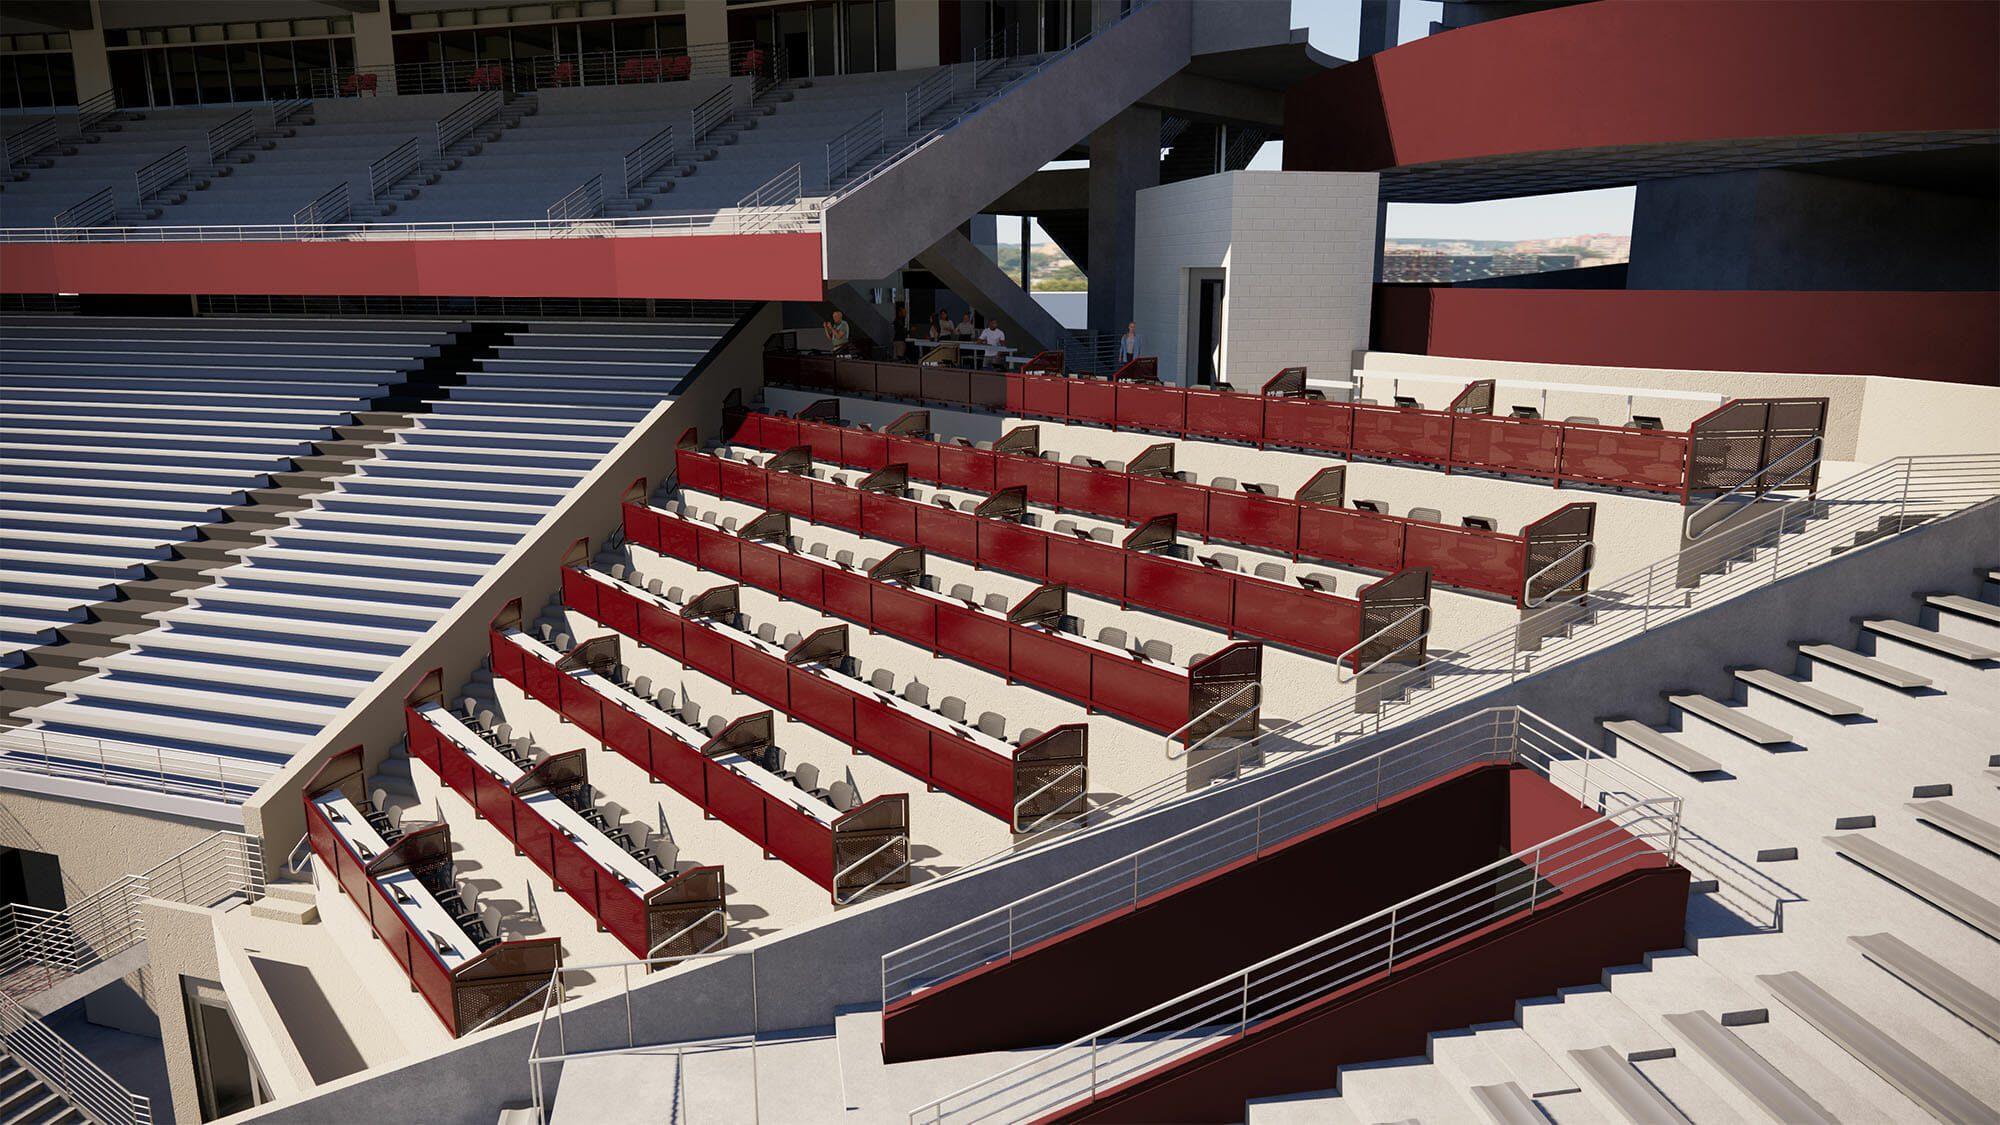 Williams-Brice-stadium-2001-club-loge-seating